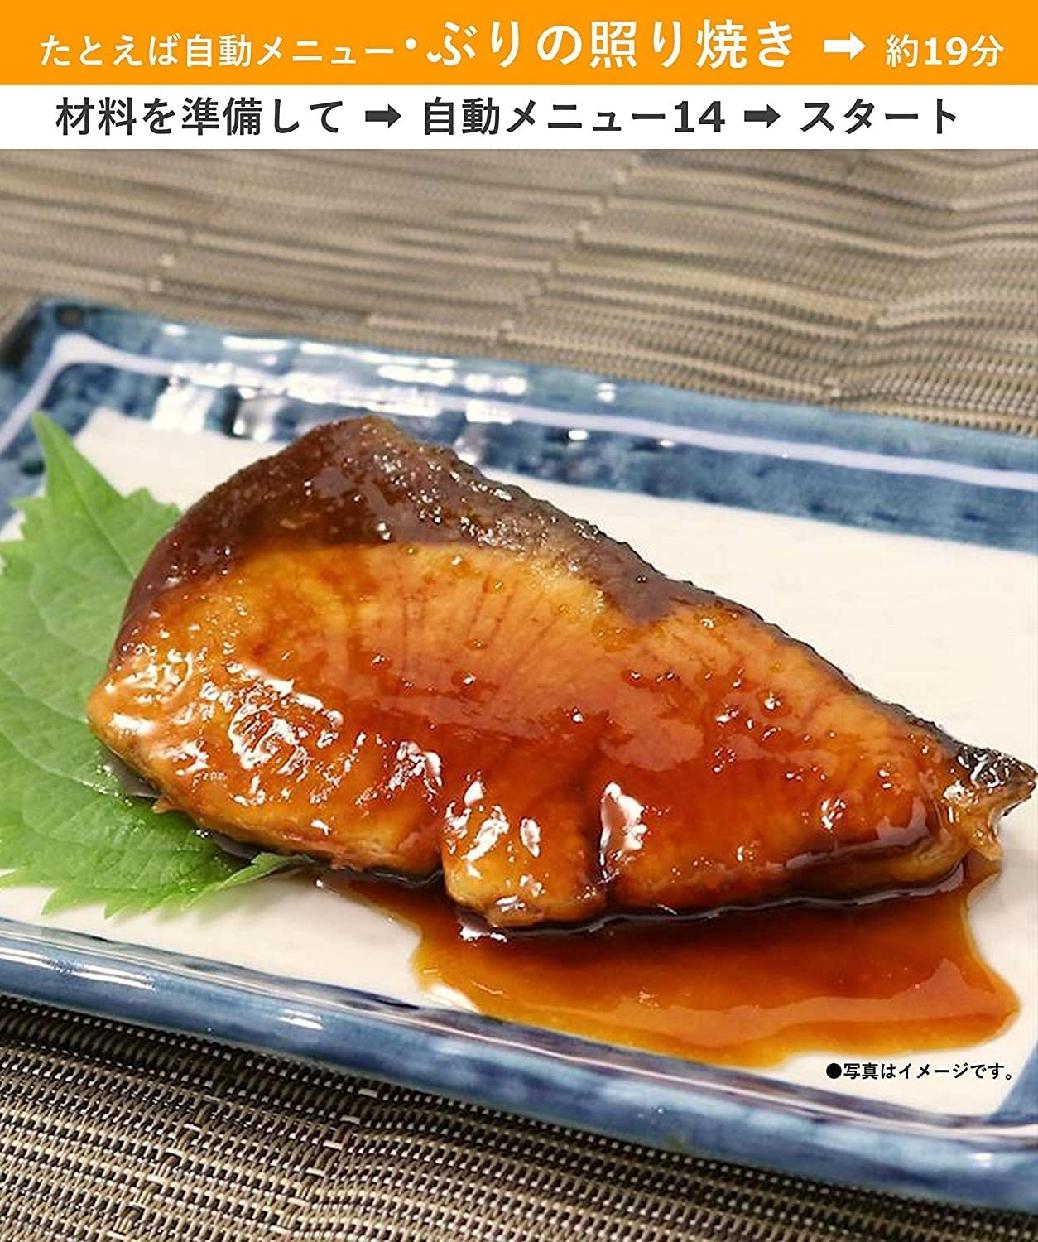 Panasonic(パナソニック)オーブンレンジ NE-MS236の商品画像4